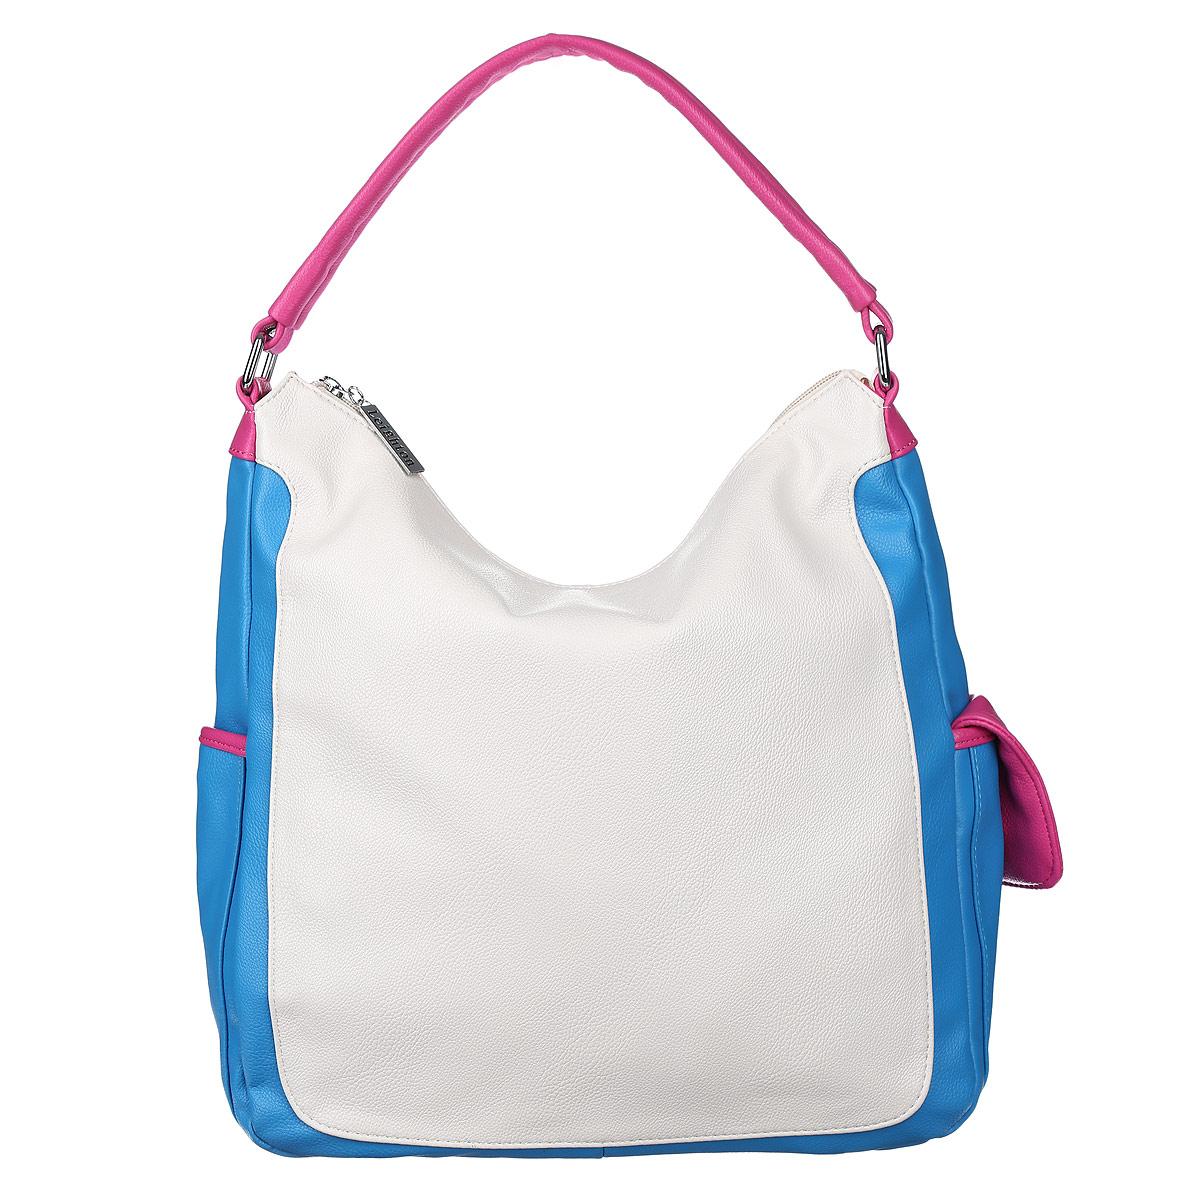 Сумка женская Leighton, цвет: белый, голубой, розовый. 10421-1070/922/1070/707/110421-1070/922/1070/707/1Стильная женская сумка Leighton выполнена из высококачественной искусственной кожи с отделкой контрастного цвета. Сумка имеет одно вместительное отделение, закрывающееся на застежку-молнию. Внутри располагается вшитый карман на застежке-молнии, образующий дополнительное малое отделение, а также два открытых кармана для мелочей и один прорезной карман на молнии. С внешней стороны на задней стенке расположен карман на молнии. По бокам сумки расположены дополнительные карманы, которые застегиваются на магнитные кнопки. Сумка имеет одну ручку. Фурнитура - серебристого цвета. Сумка - это стильный аксессуар, который подчеркнет вашу индивидуальность и сделает ваш образ завершенным. Классическое цветовое сочетание, стильный декор, модный дизайн - прекрасное дополнение к гардеробу модницы.